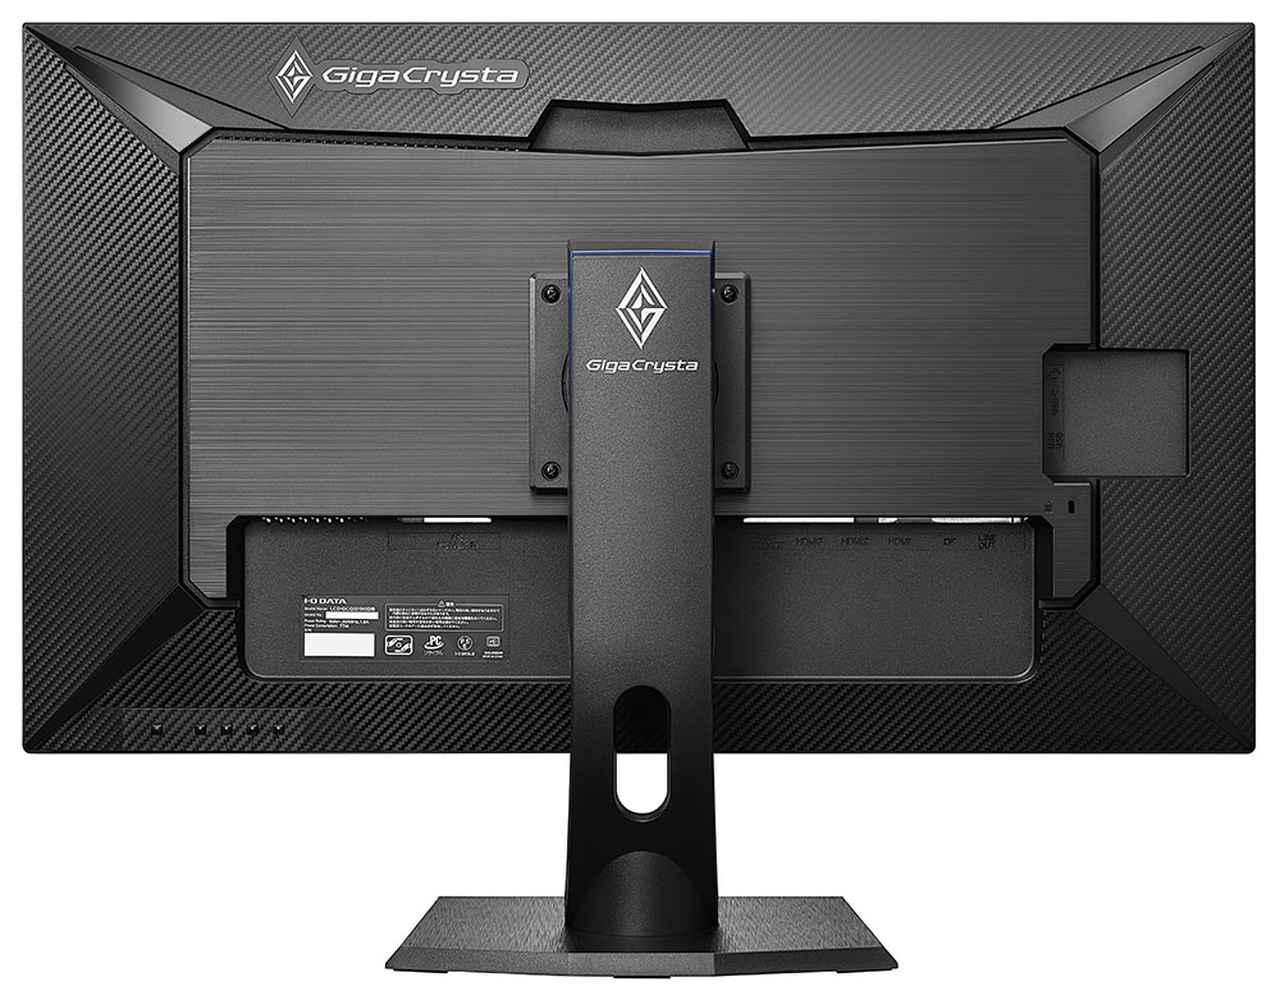 画像1: アイ・オー・データ、GigaCrystaシリーズの最新モデル「LCD-GCQ321HXDB」を5月末に出荷。フレームレート165Hzに対応し、PS5との組み合わせにもぴったりのゲーミングモニター